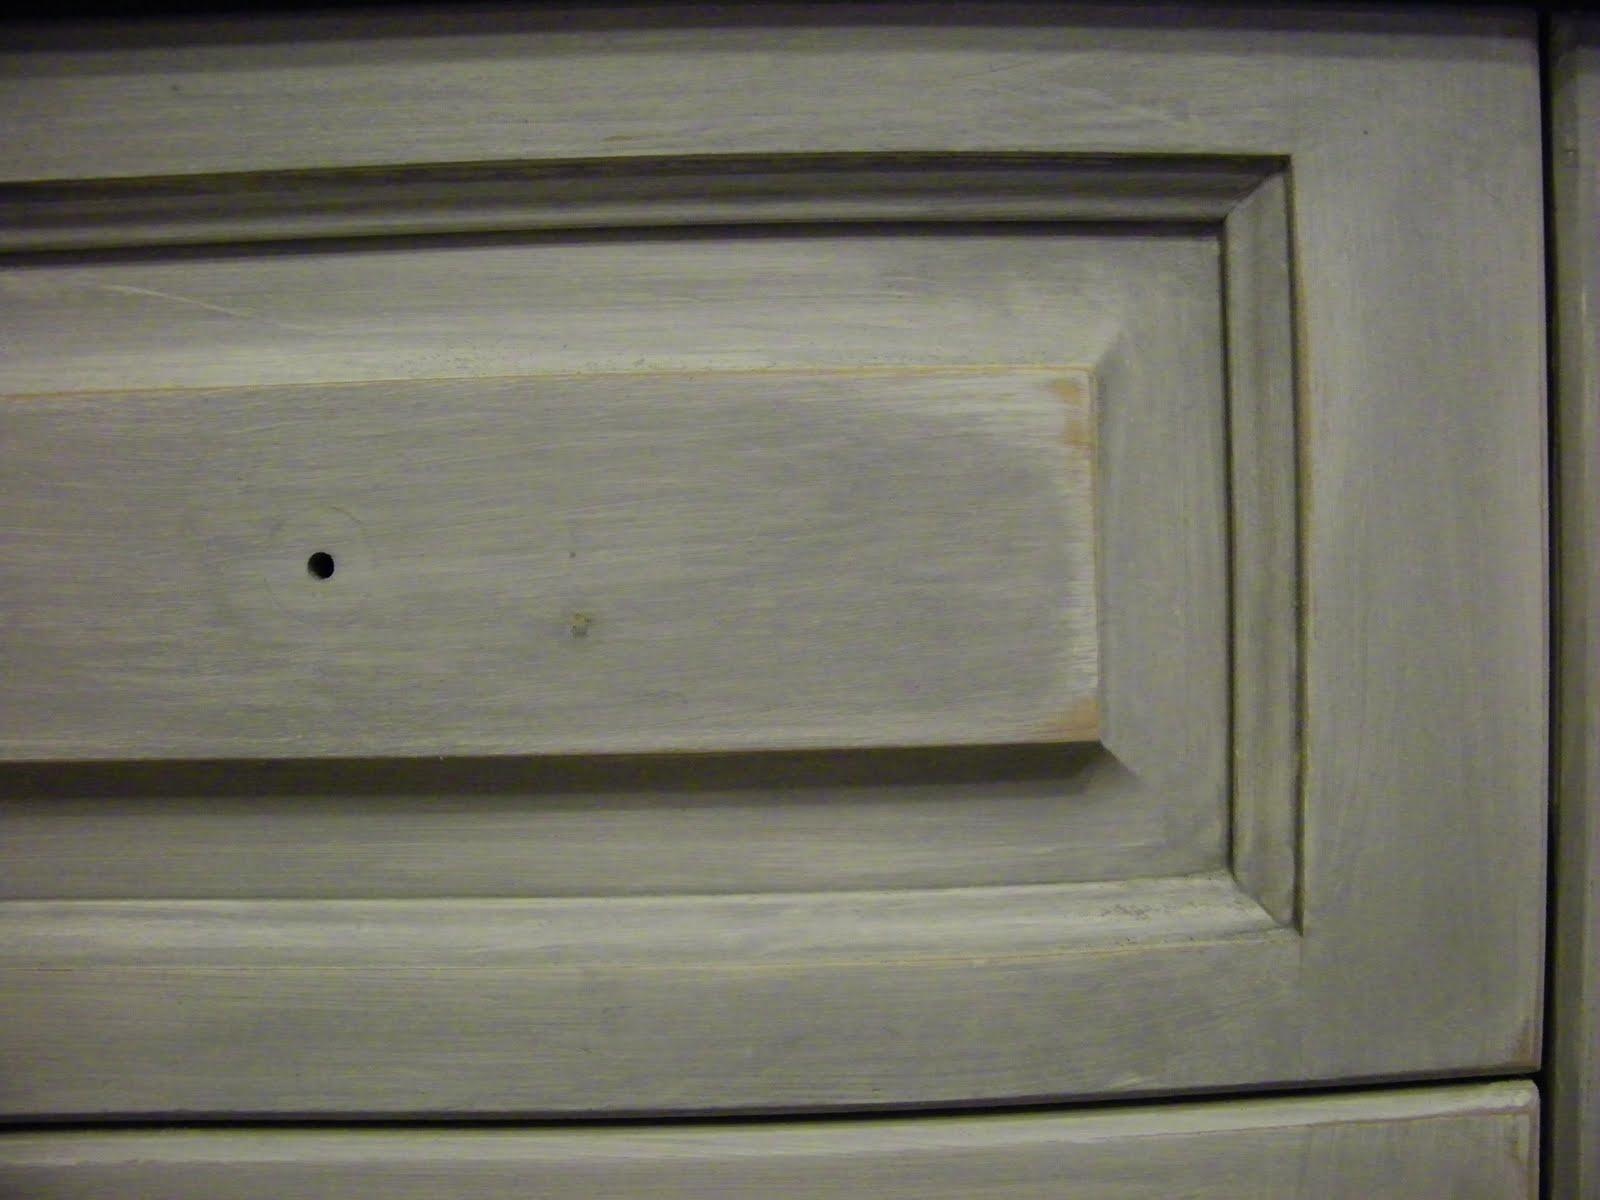 kitchen cabs get grey chalk wash distressed kitchen cabinets Kitchen cabs get a grey chalk wash